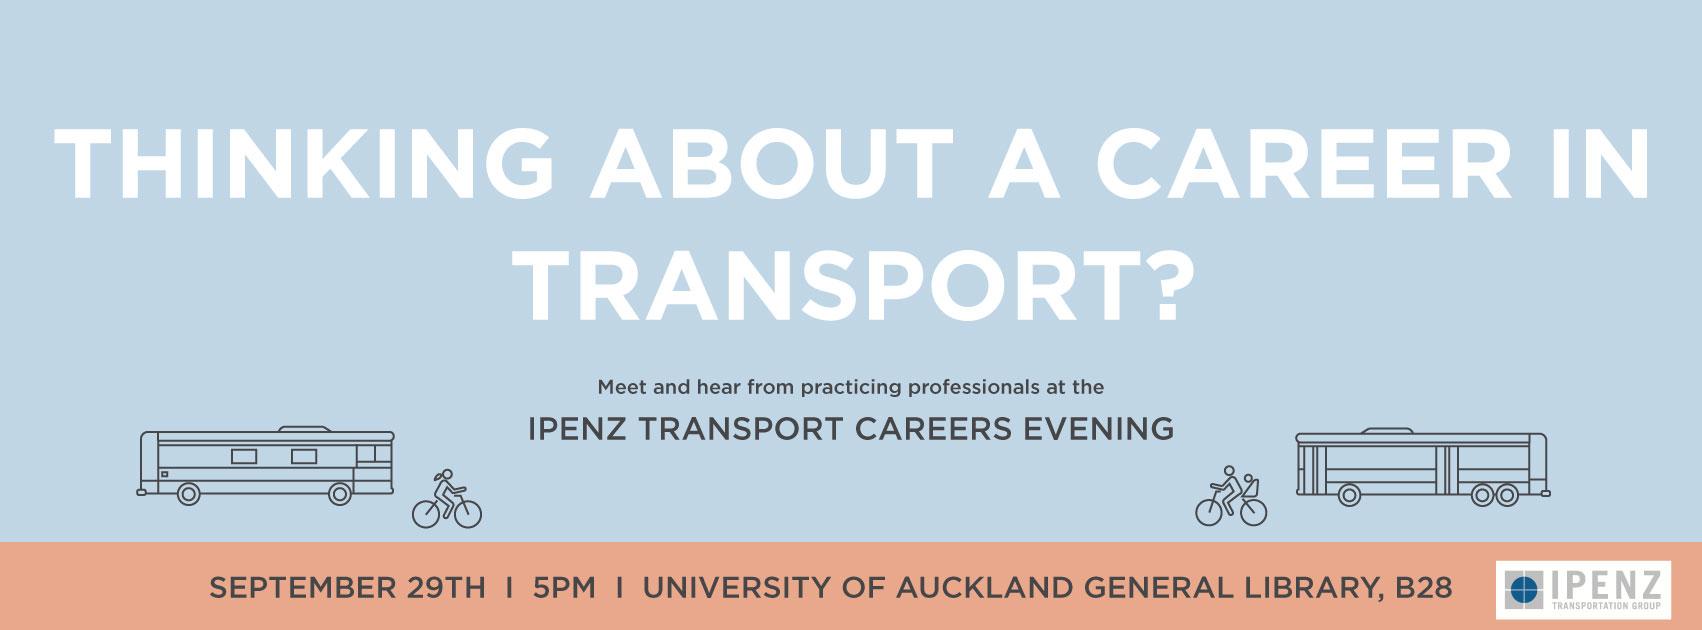 IPENZ-Careers-Evening.jpg